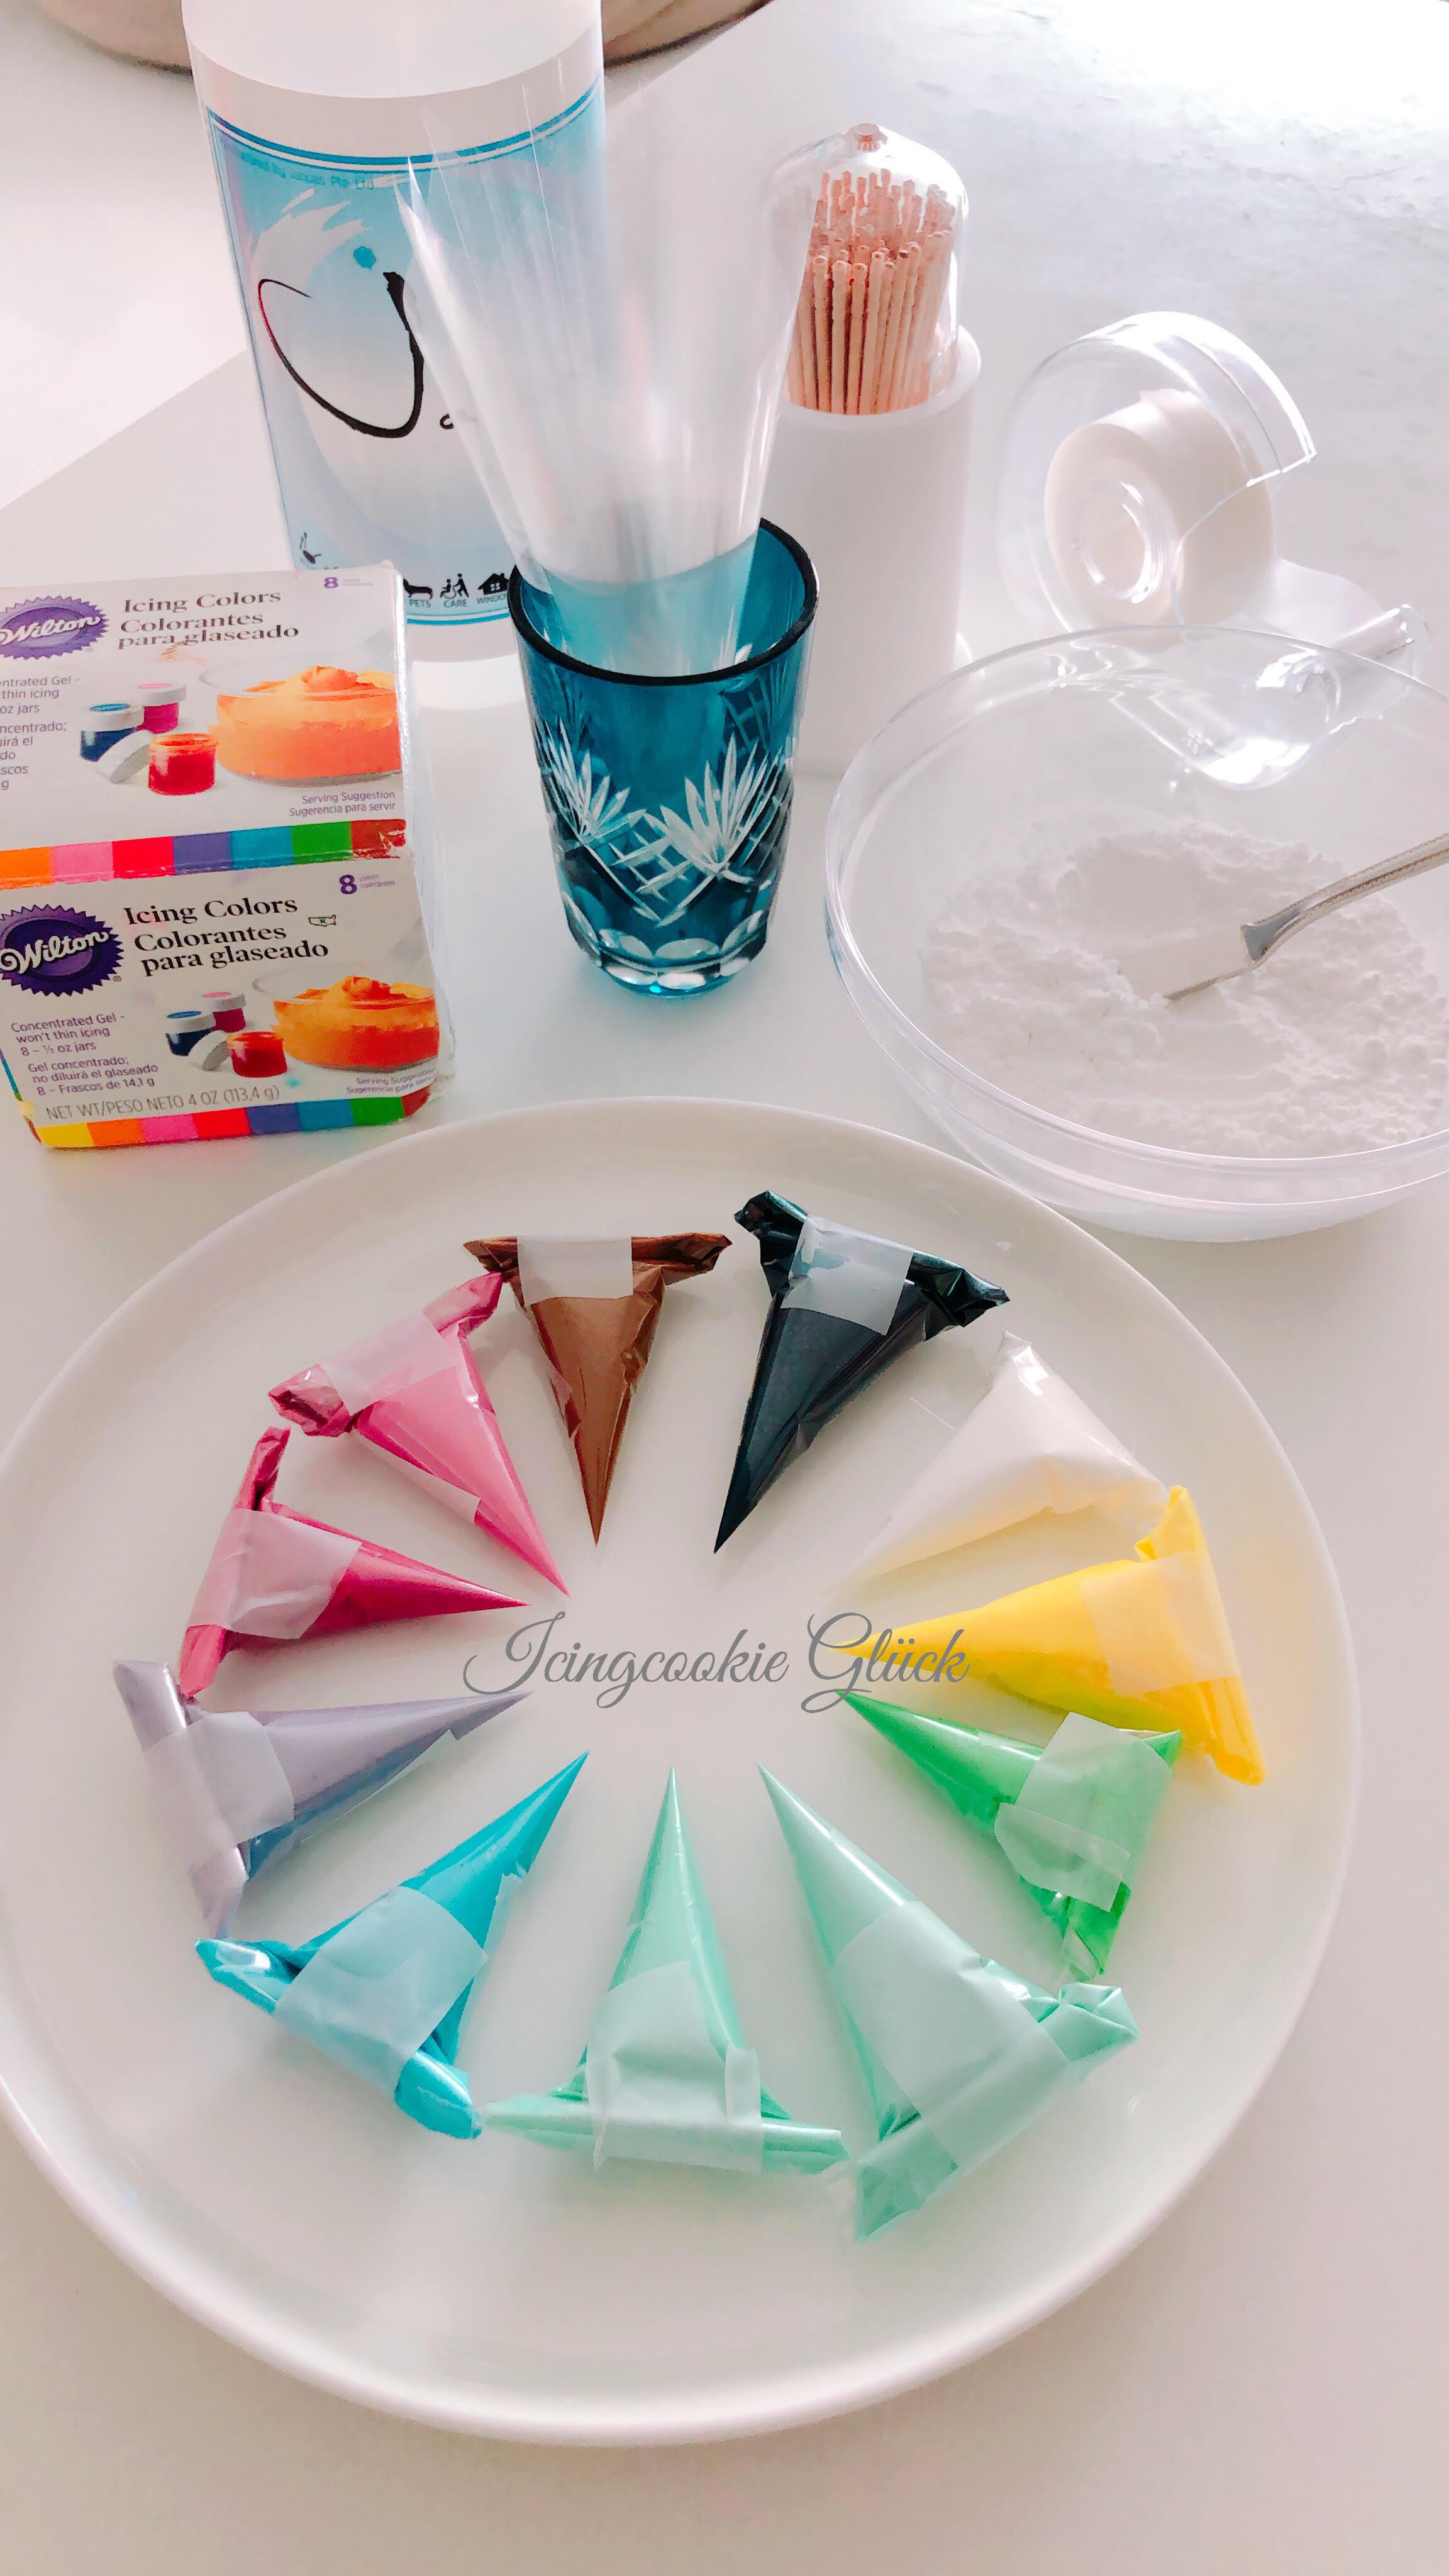 Icing Cream Class